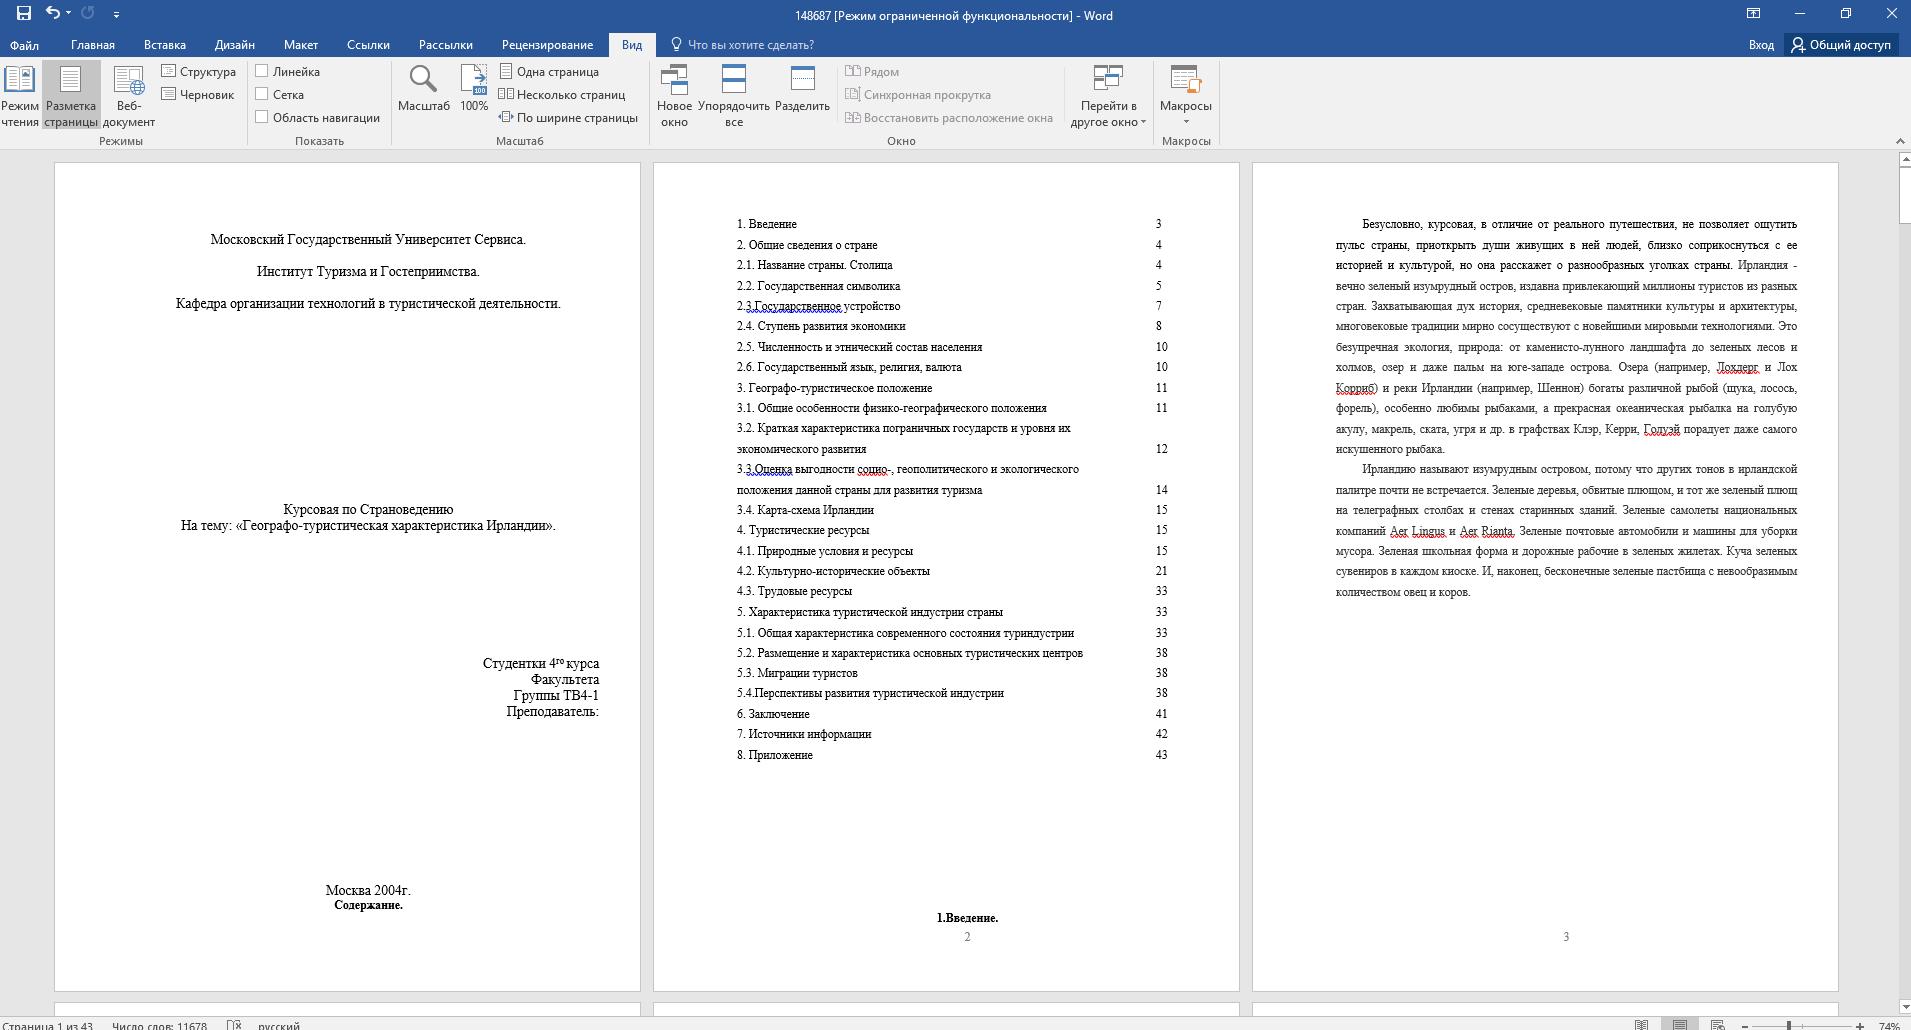 Как пронумеровать страницы в Ворде нумерация с первой страницы без отображения на титульной странице